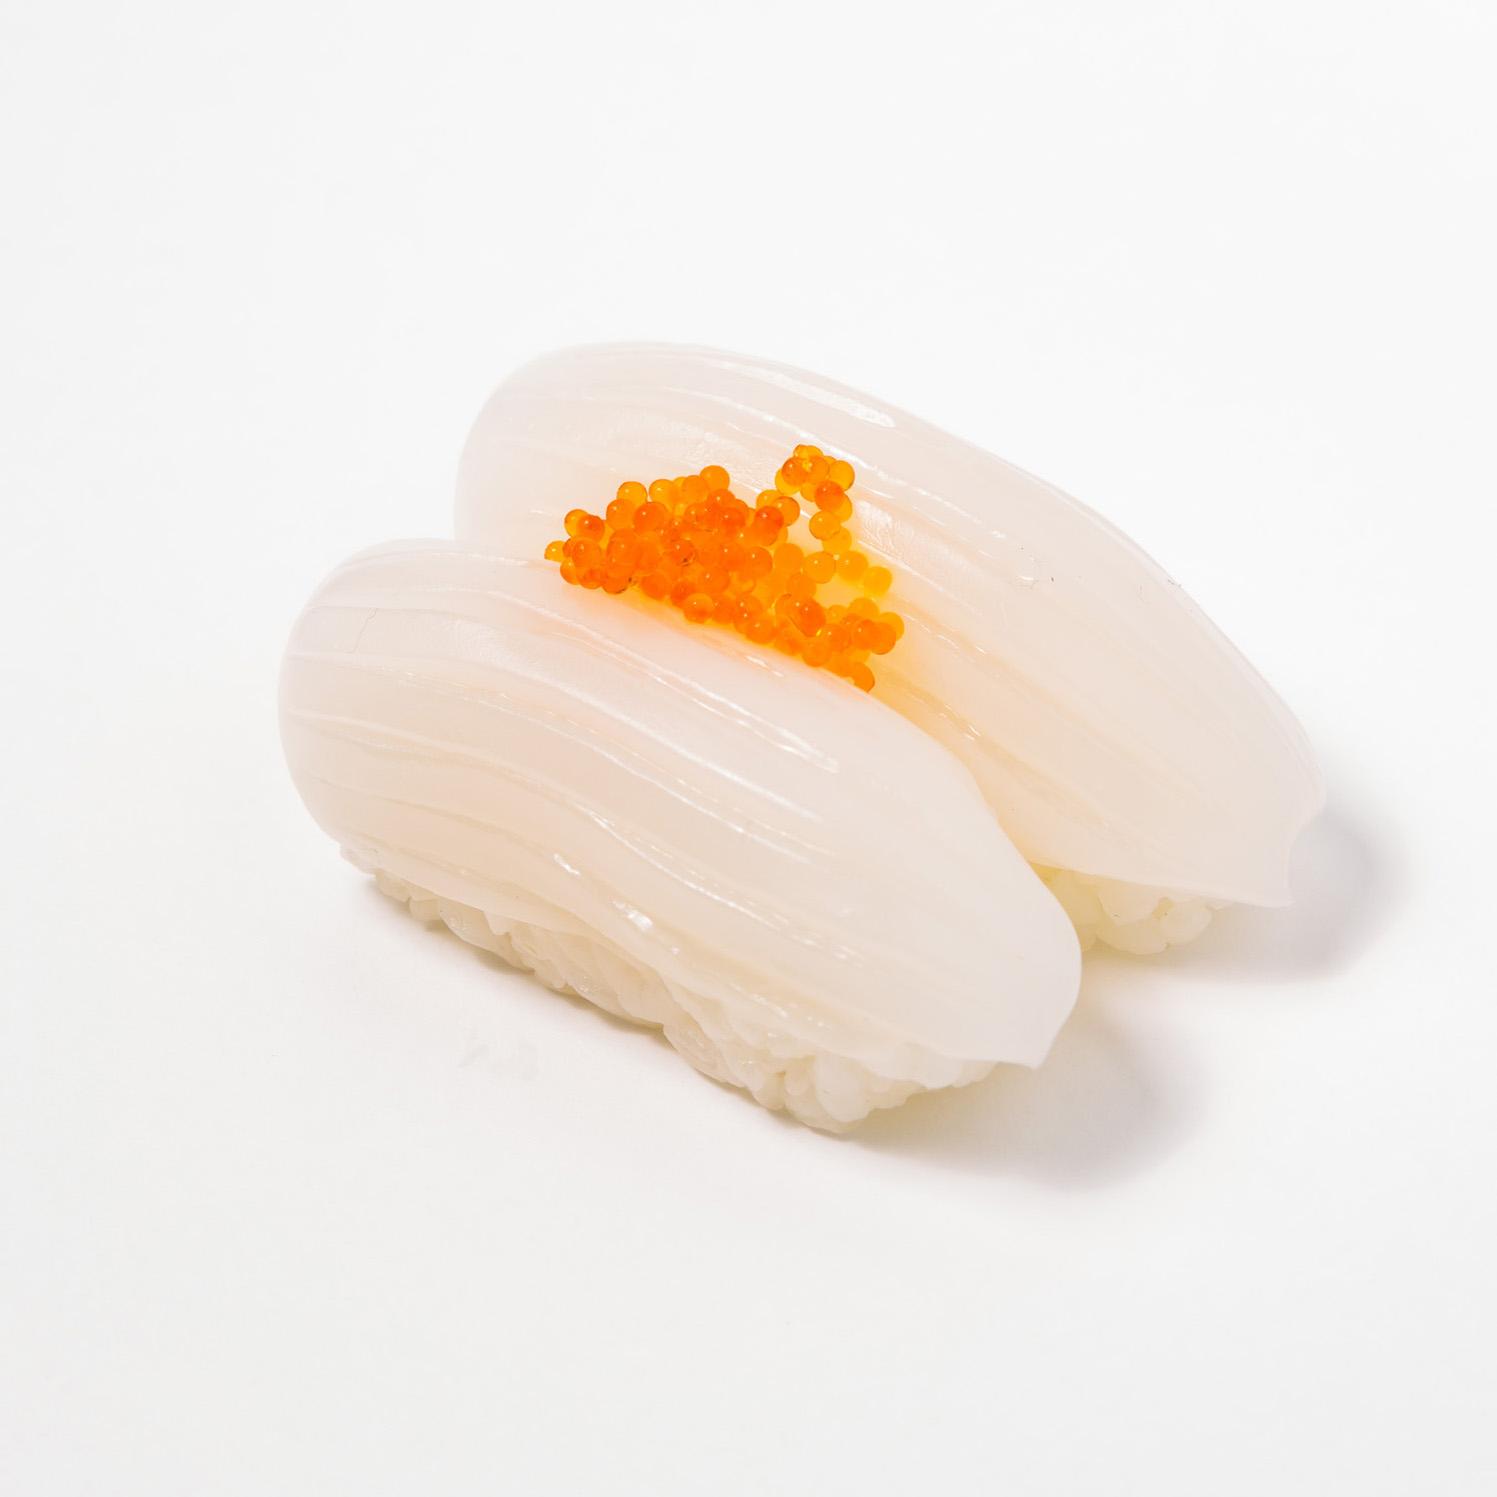 Ika Nigiri